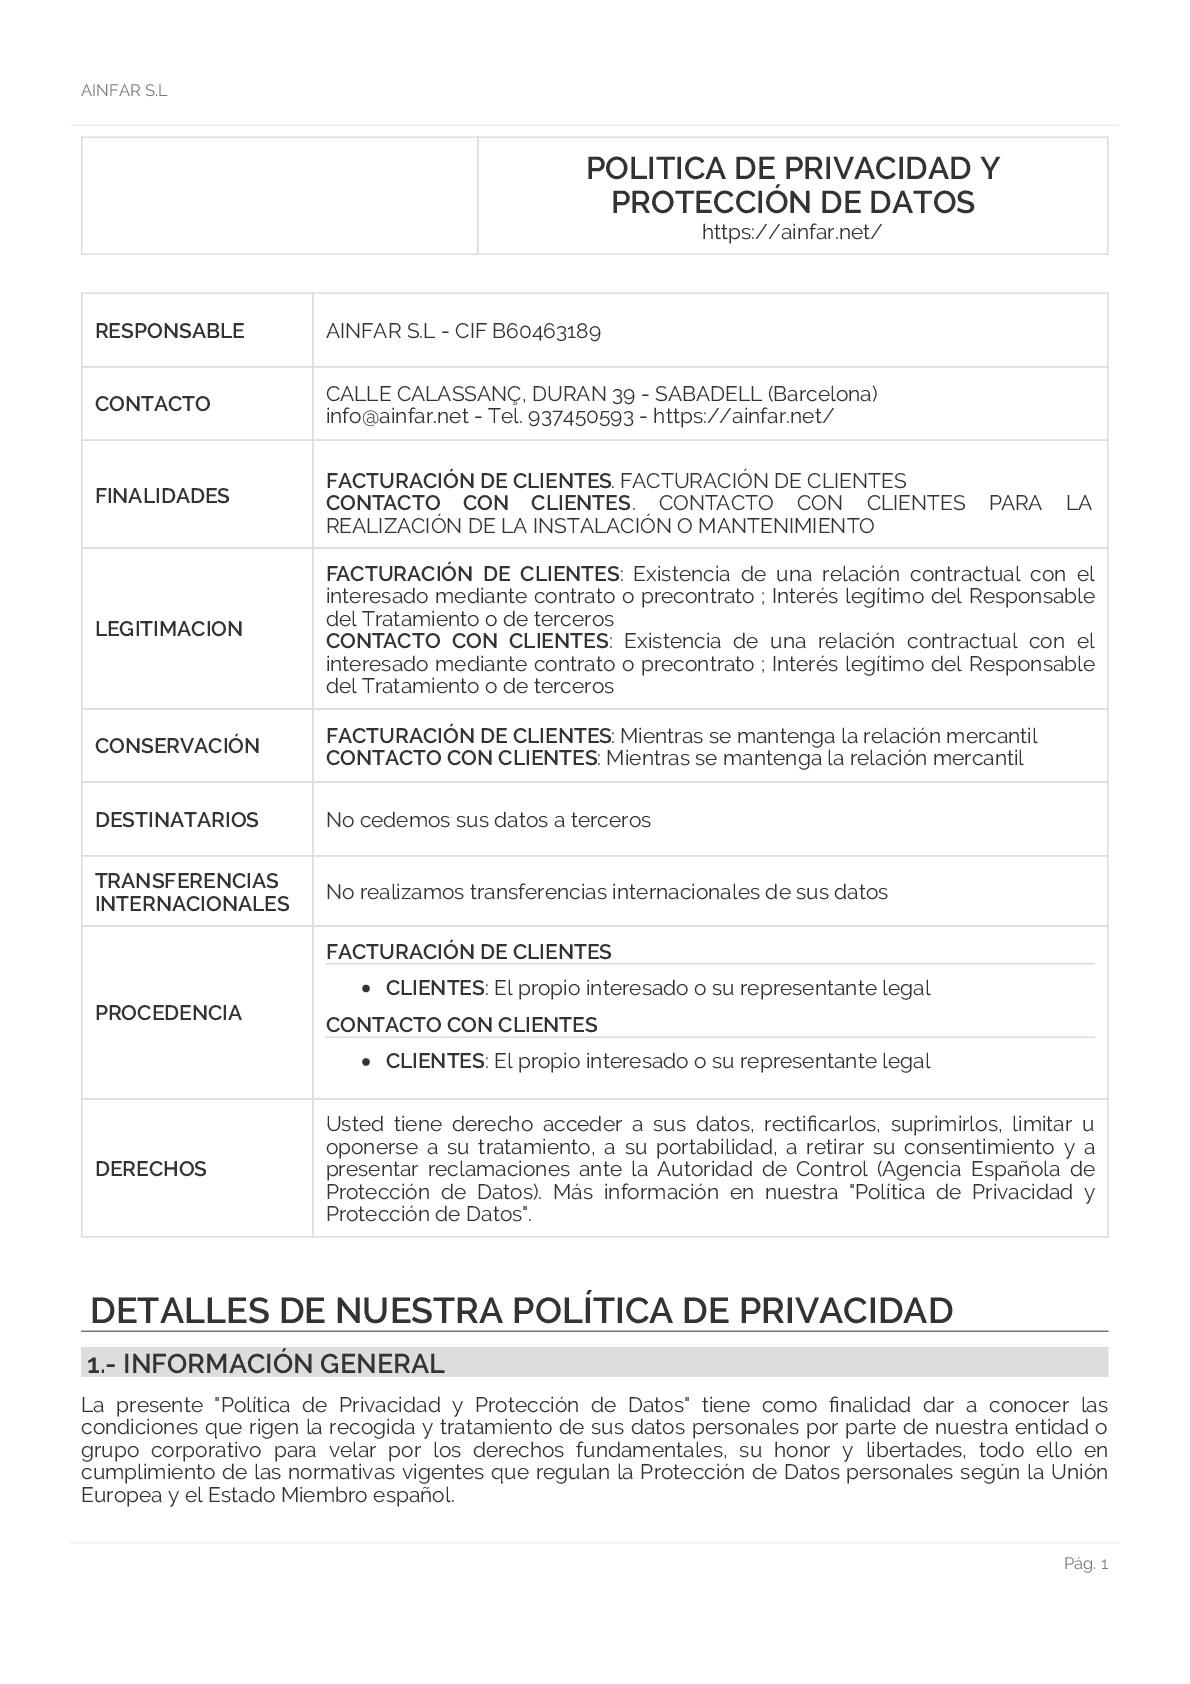 POLITICA-DE-PRIVACIDAD-001